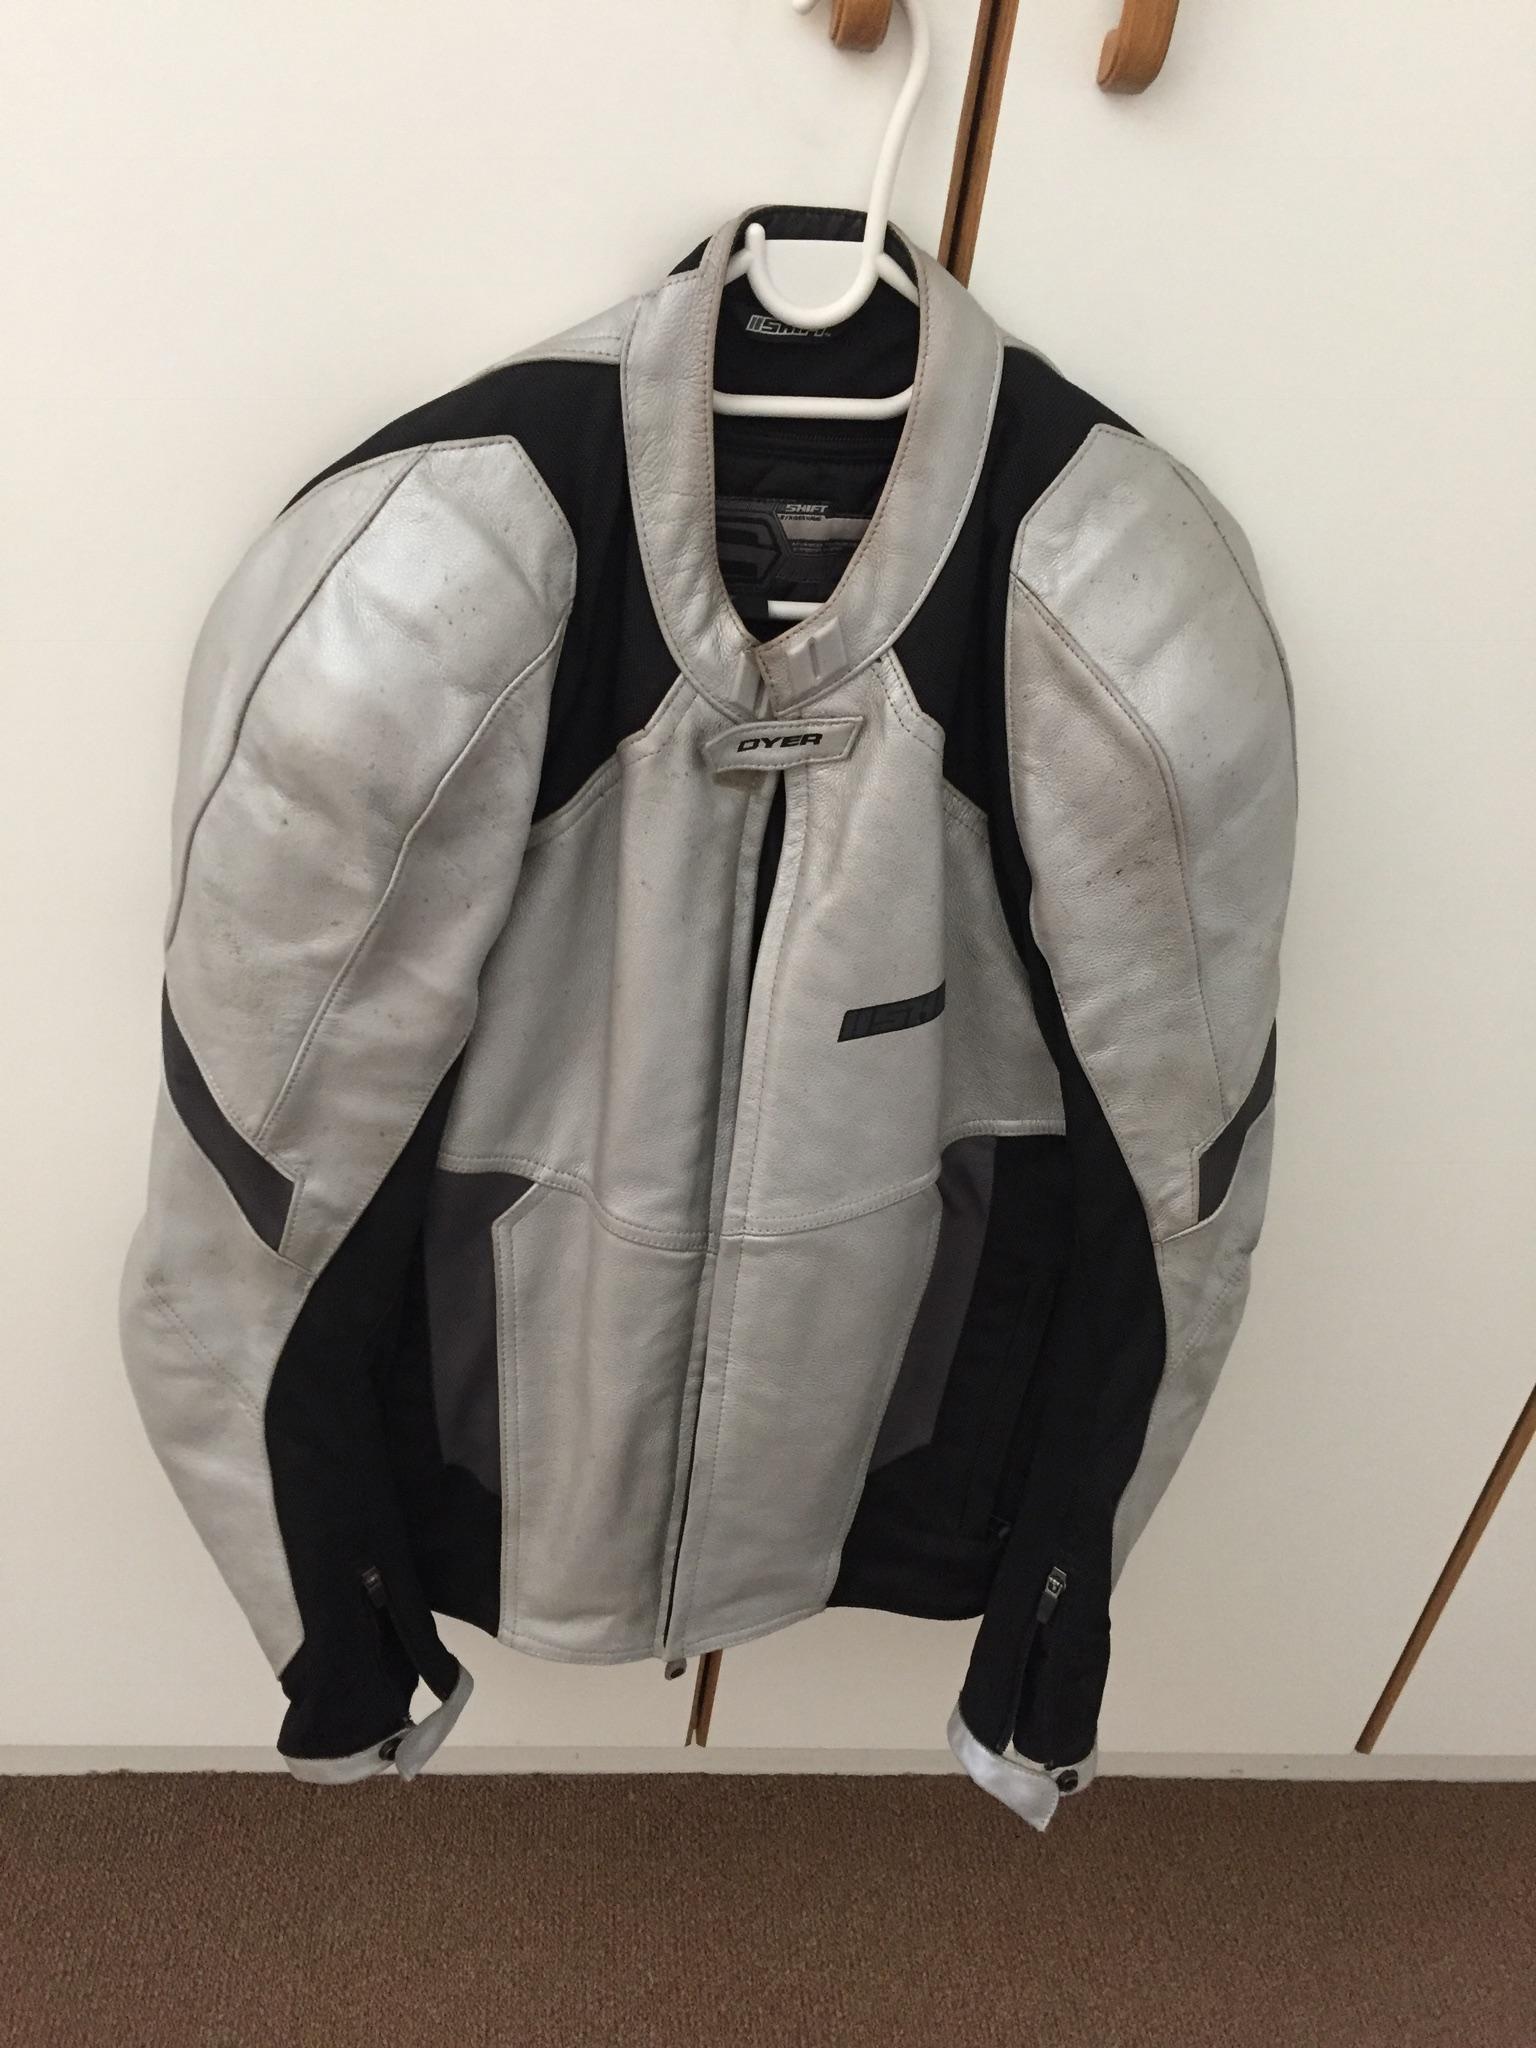 Leather biker Jacket for sale